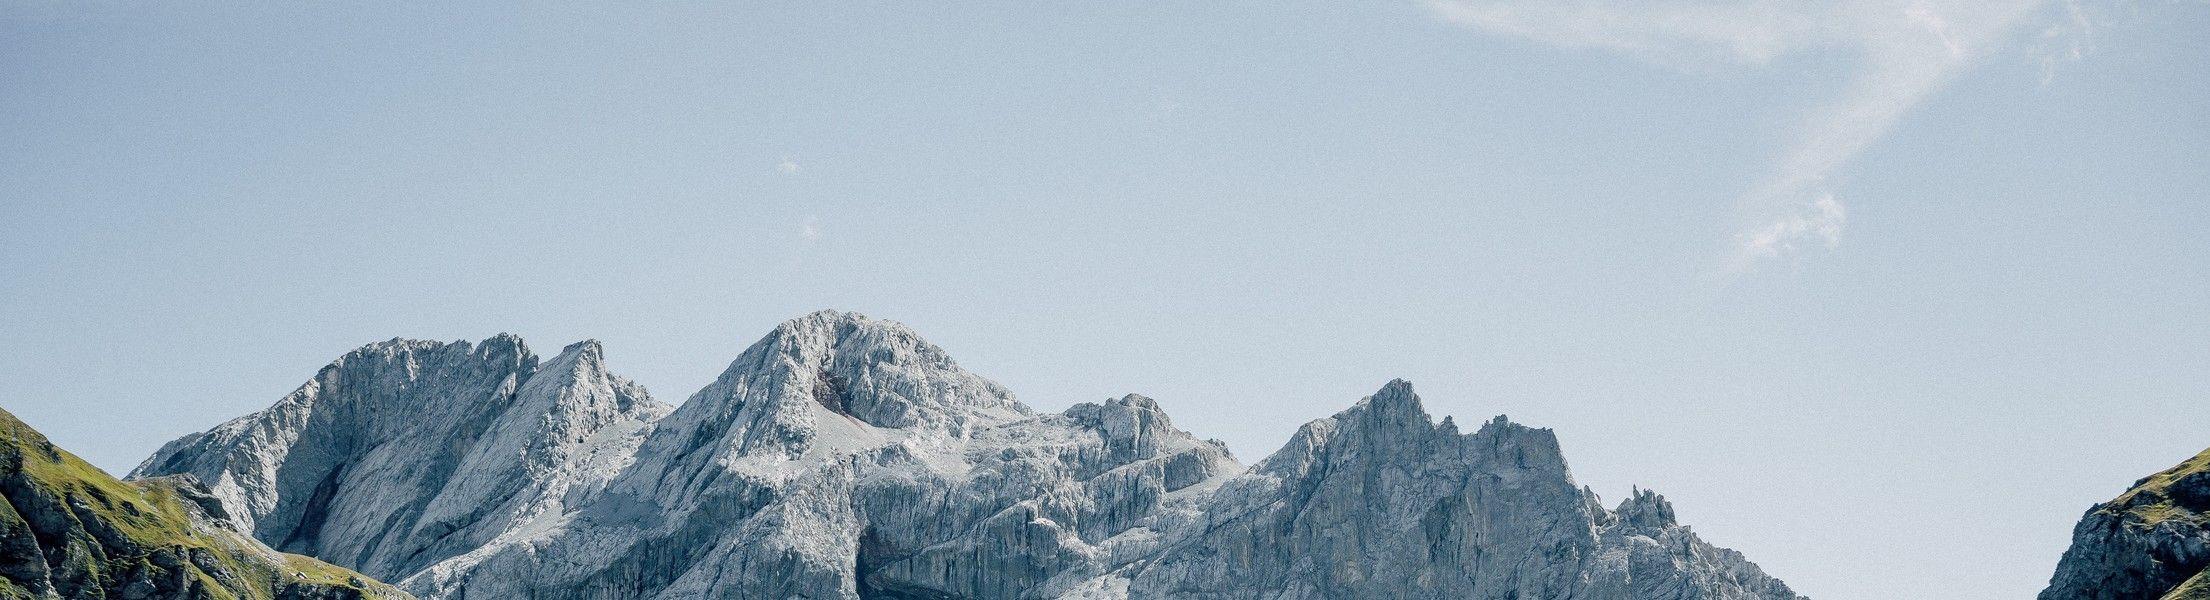 Alpen mit Wiese und blauer Himmel